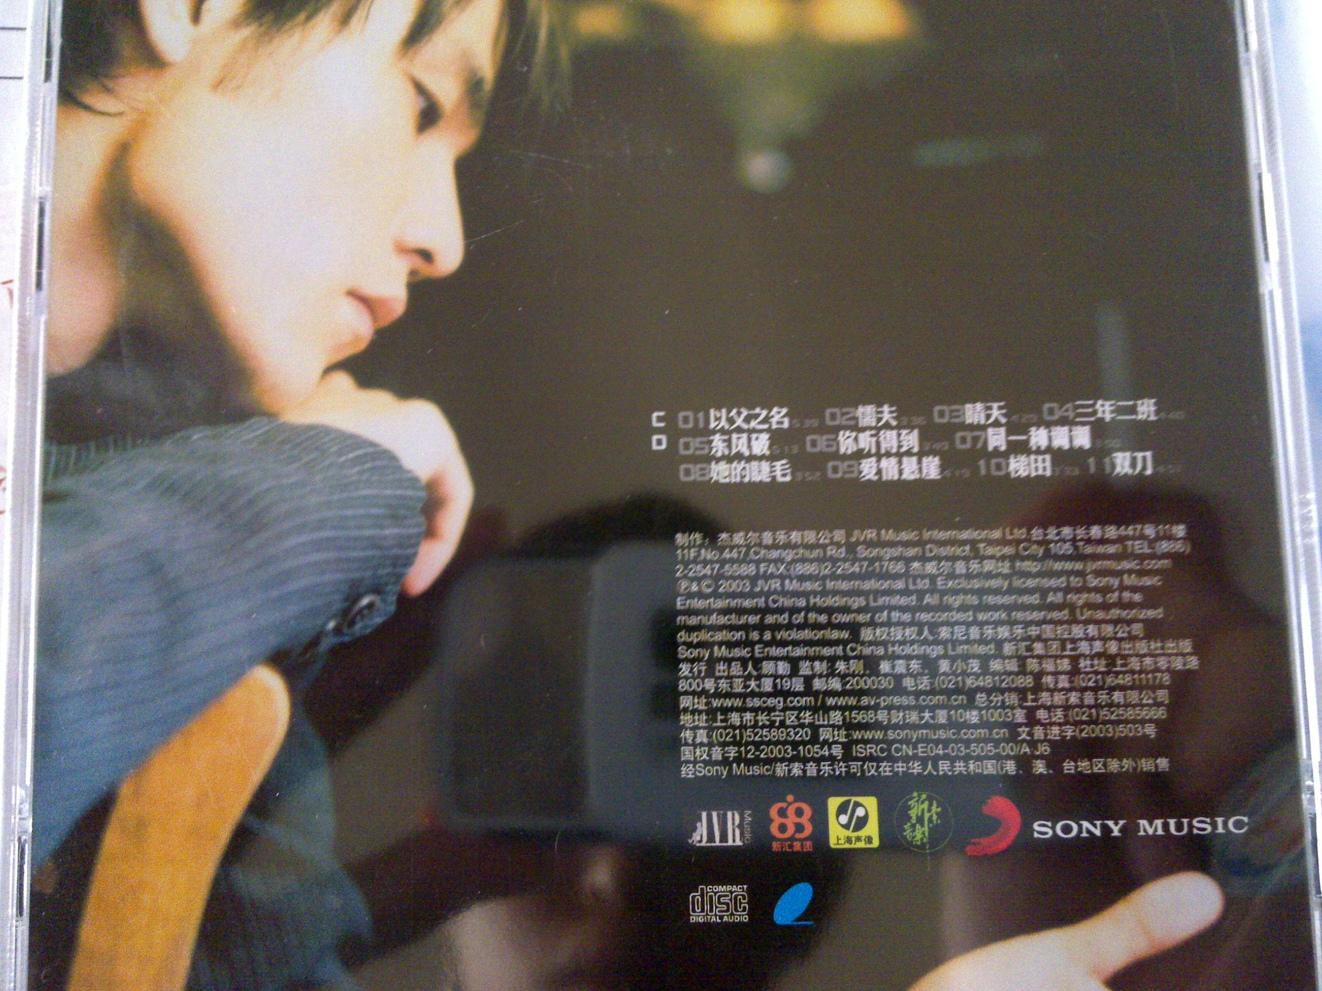 叶惠美专辑高清封面图片